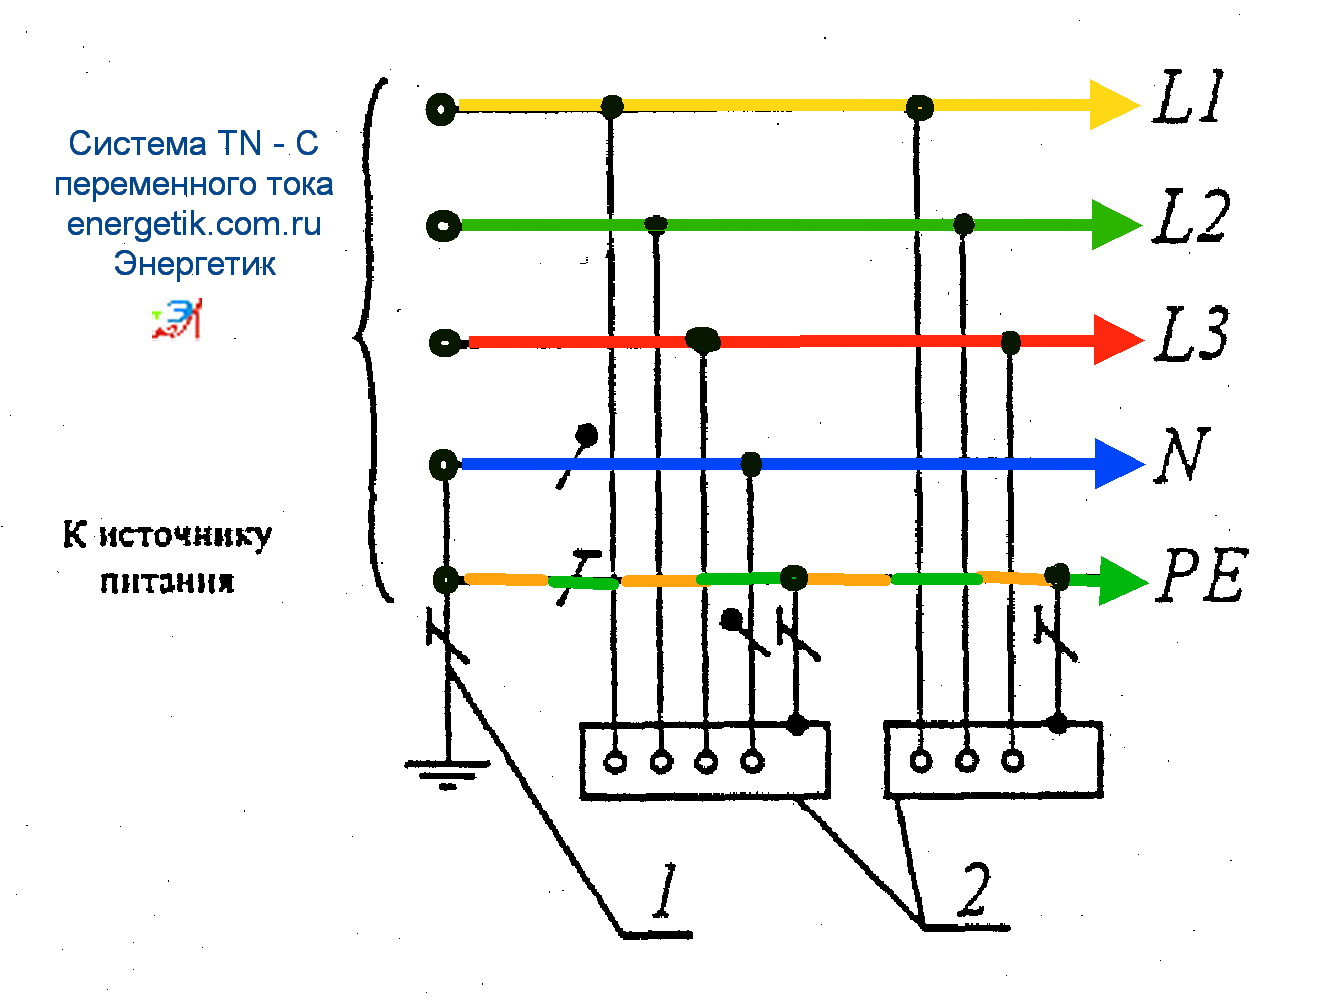 Схема электроснабжения с изолированной нейтралью